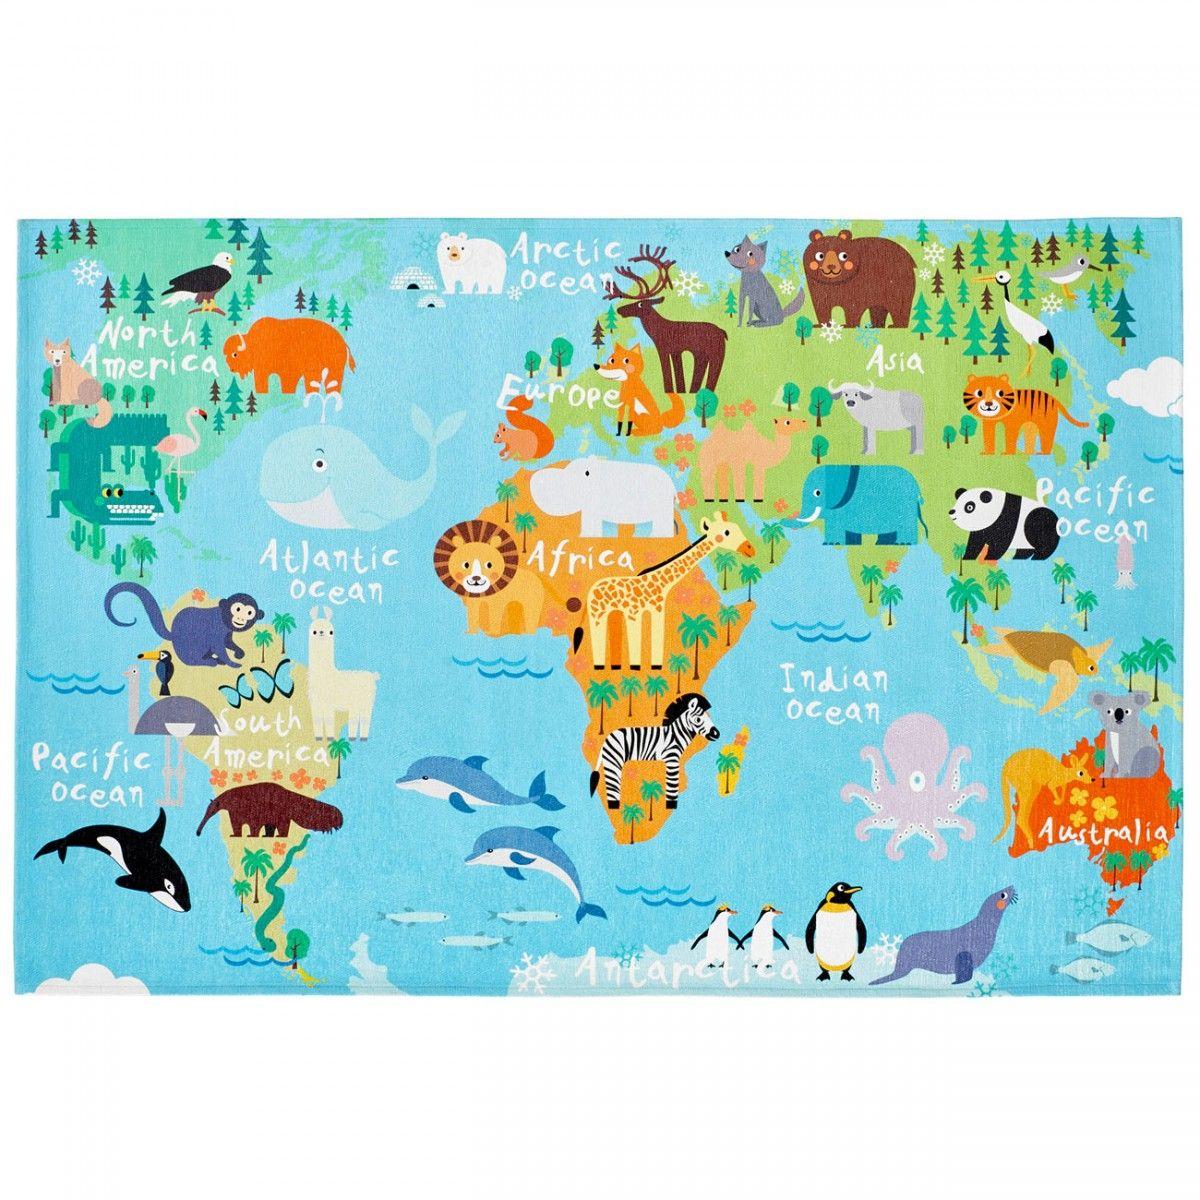 My Torino Kids Tok 233 World Map Rug Theruguk